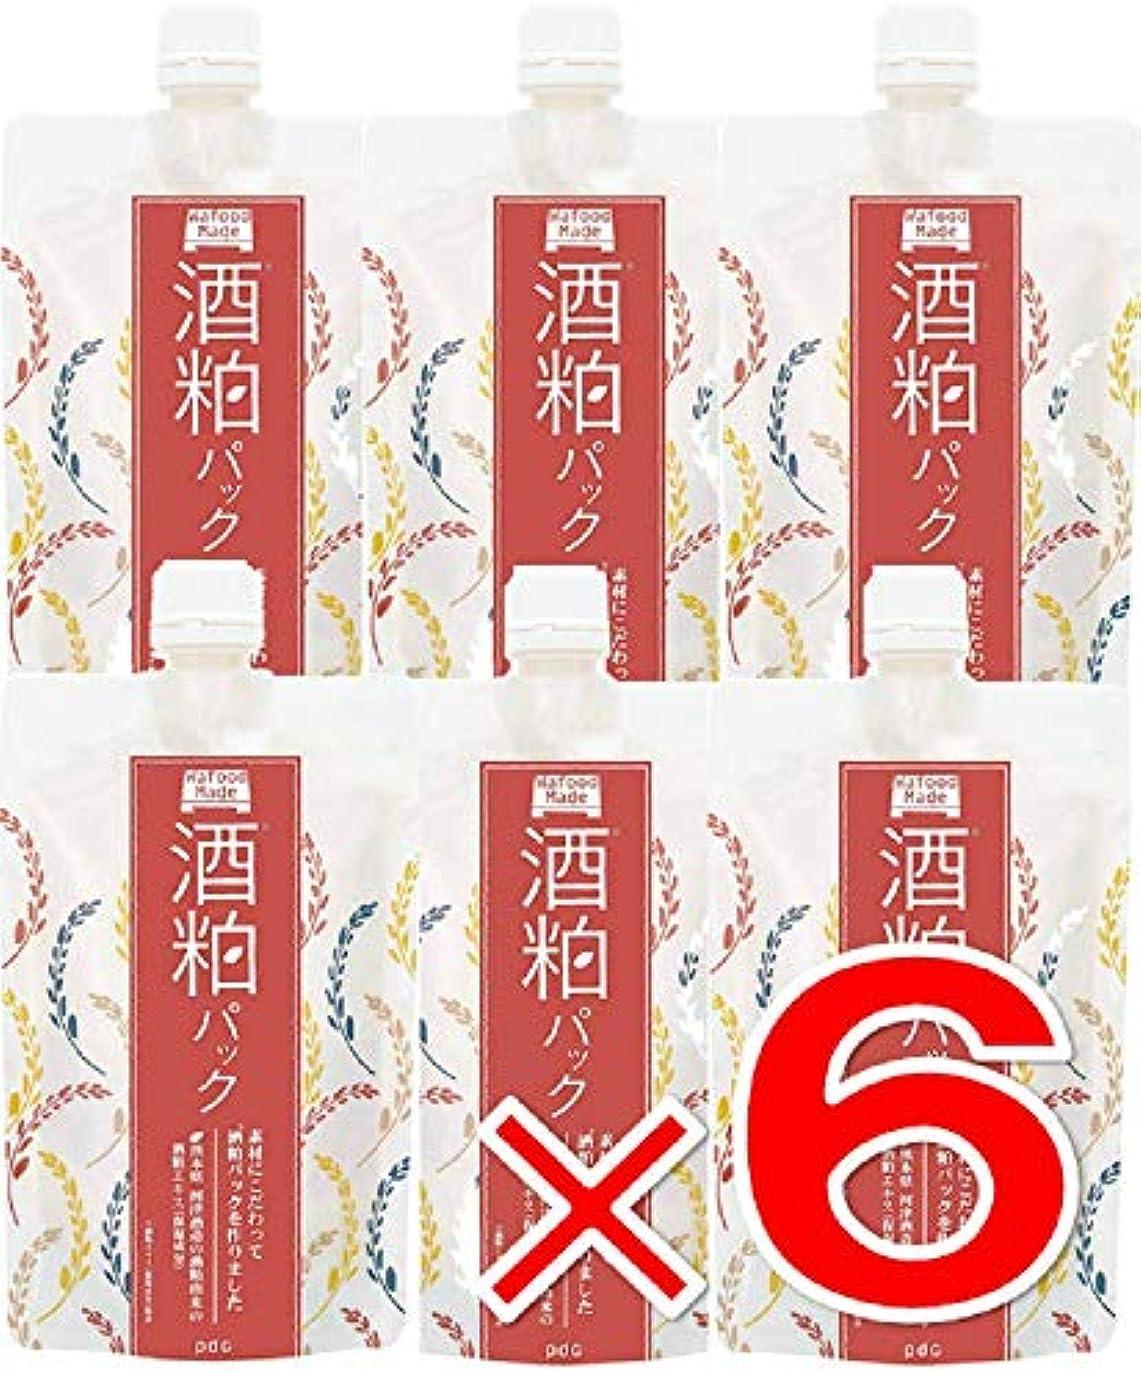 独立脚本家影響を受けやすいです【 6個 】 ワフードメイド (Wafood Made) 酒粕パック 170g 日本製